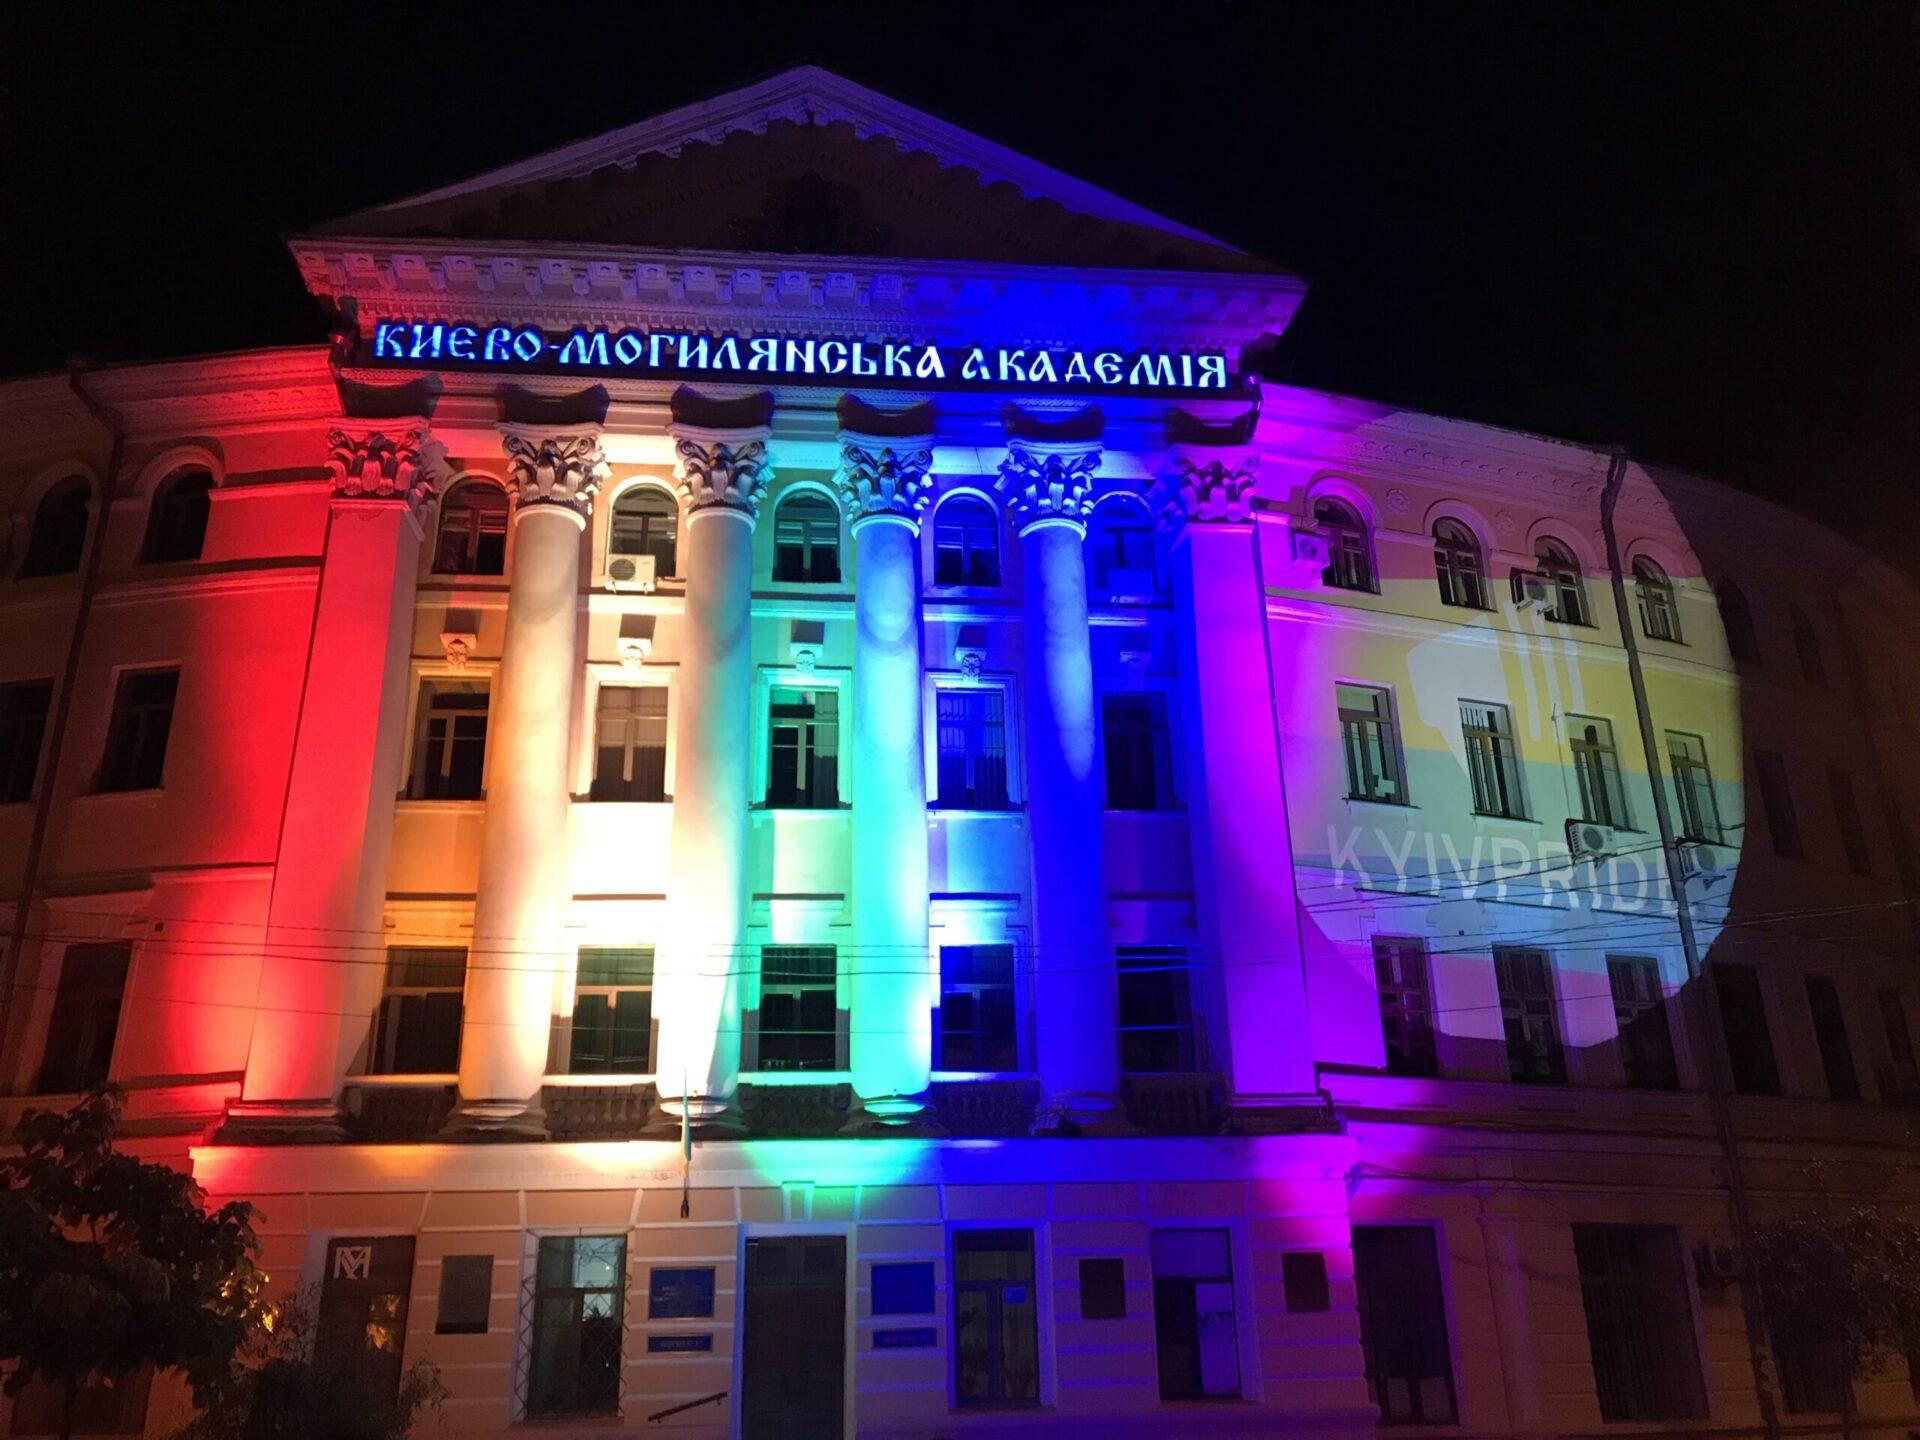 Веселковий прапор на відомих будівлях міста